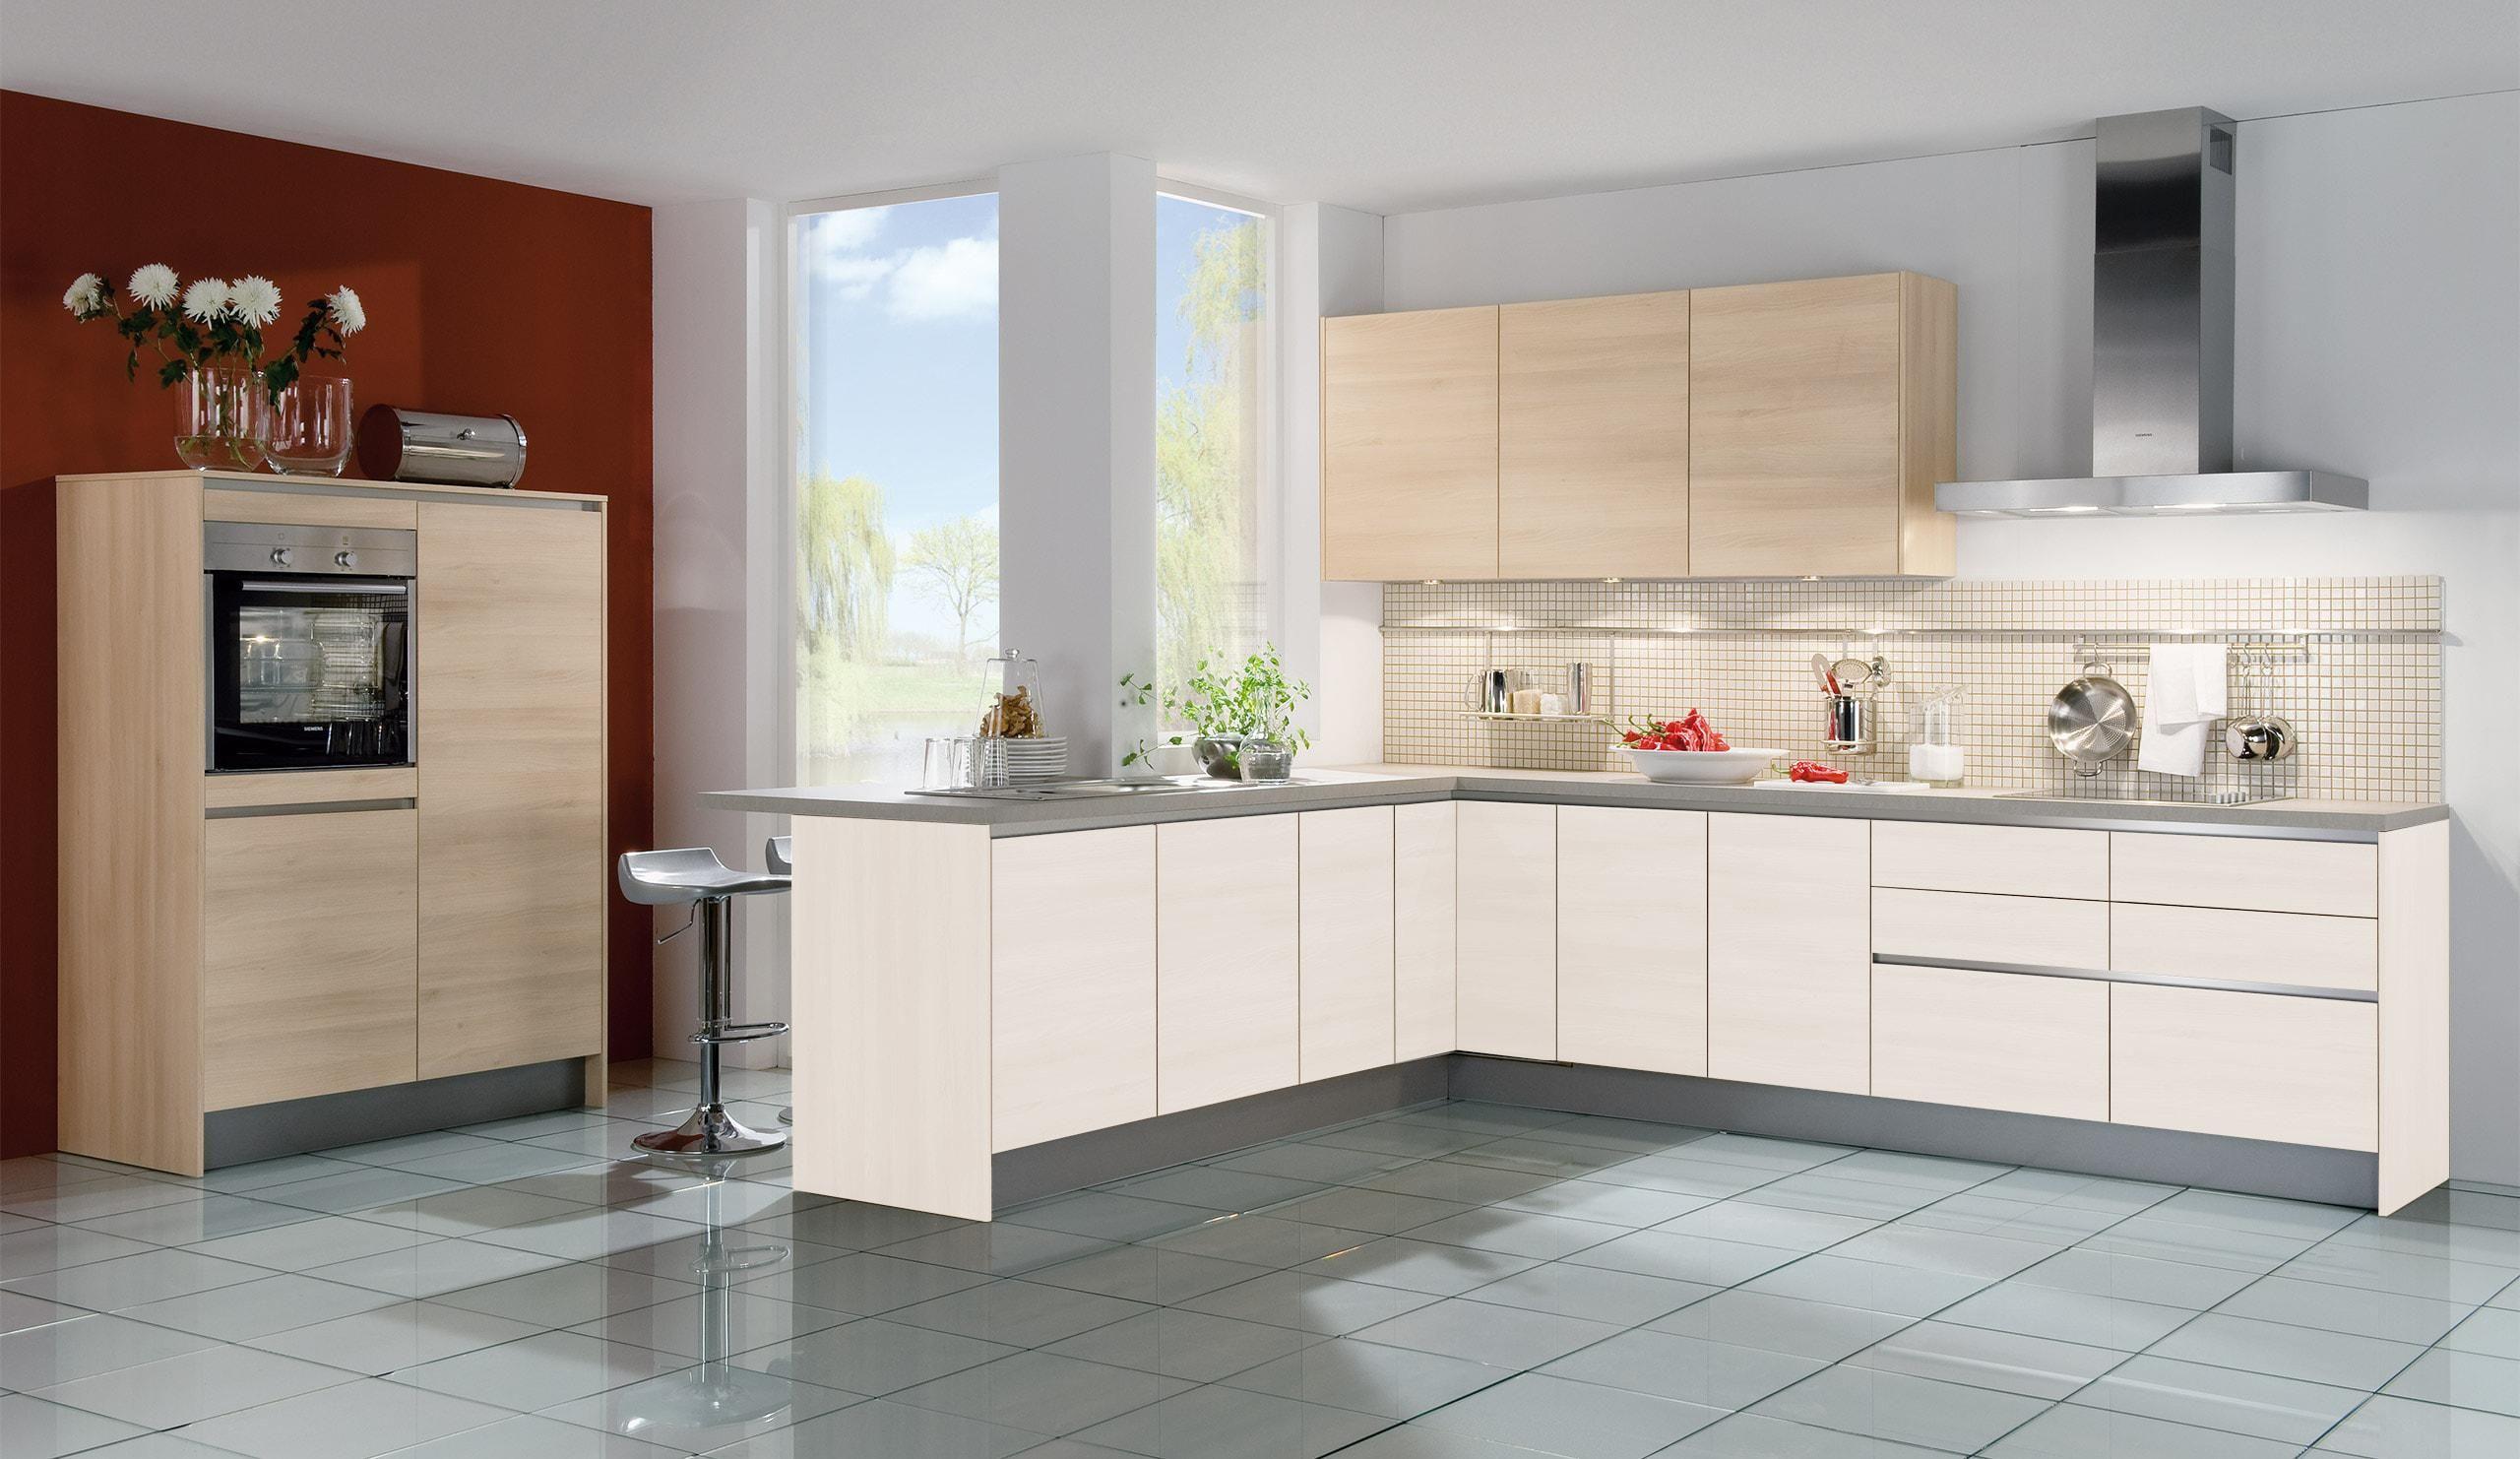 Einbau kuche, Luxus Einbauküche Berlin Bild Von Wohndesign